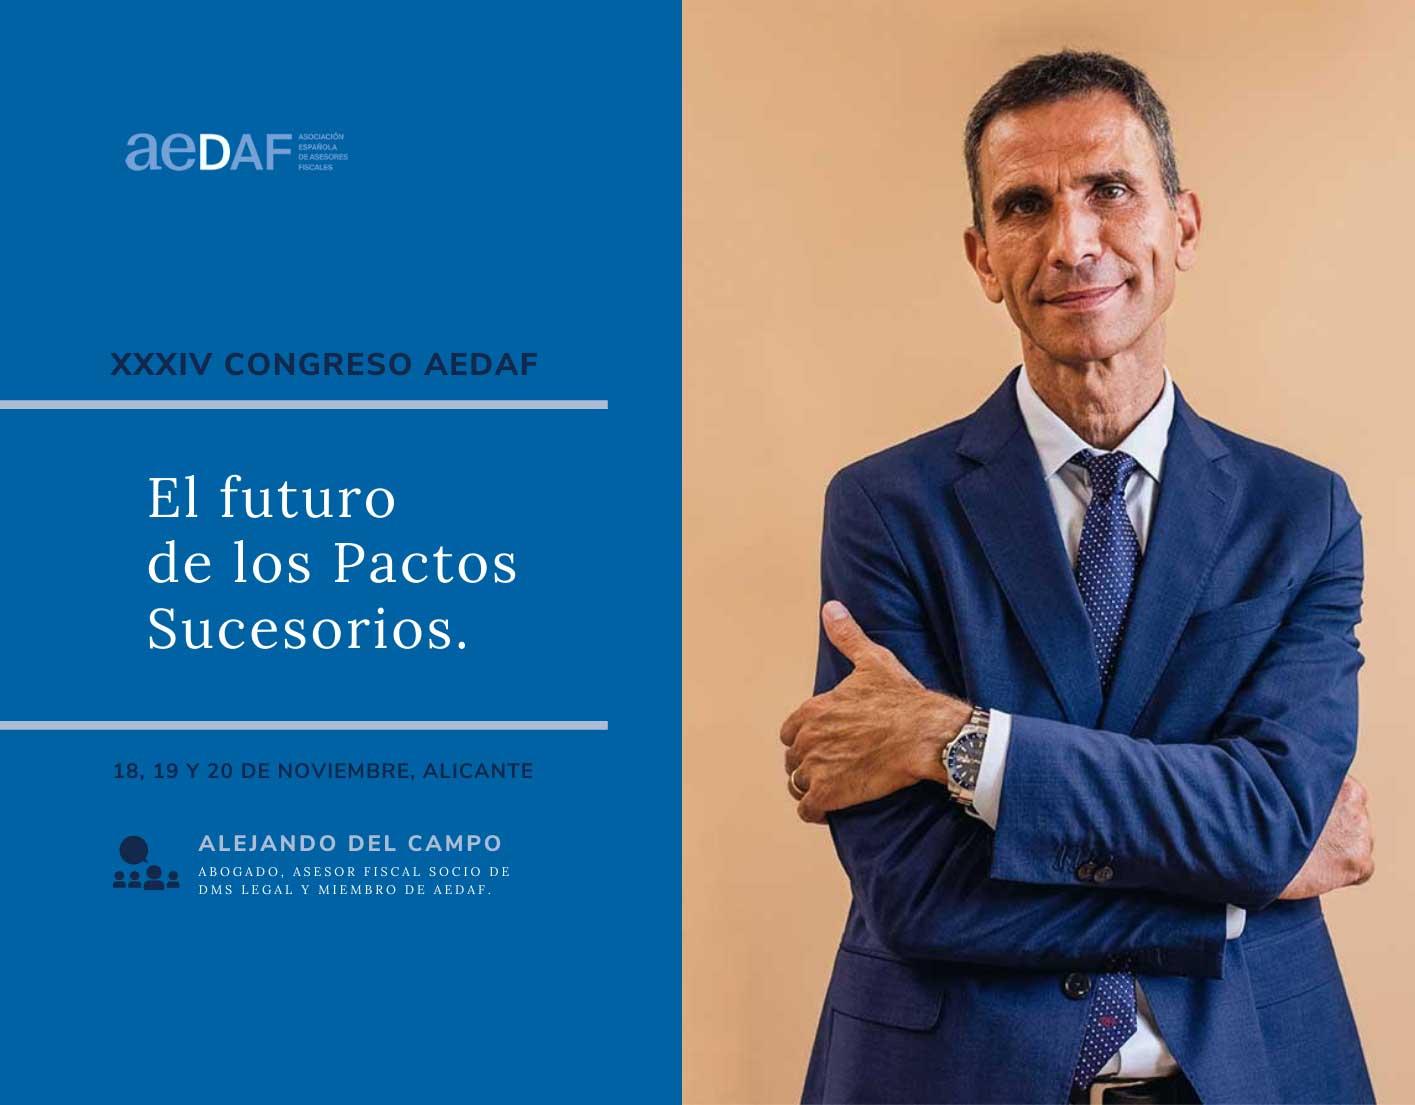 Ponencia de Alejandro del Campo sobre el futuro de los Pactos Sucesorios en el XXXIV Congreso AEDAF